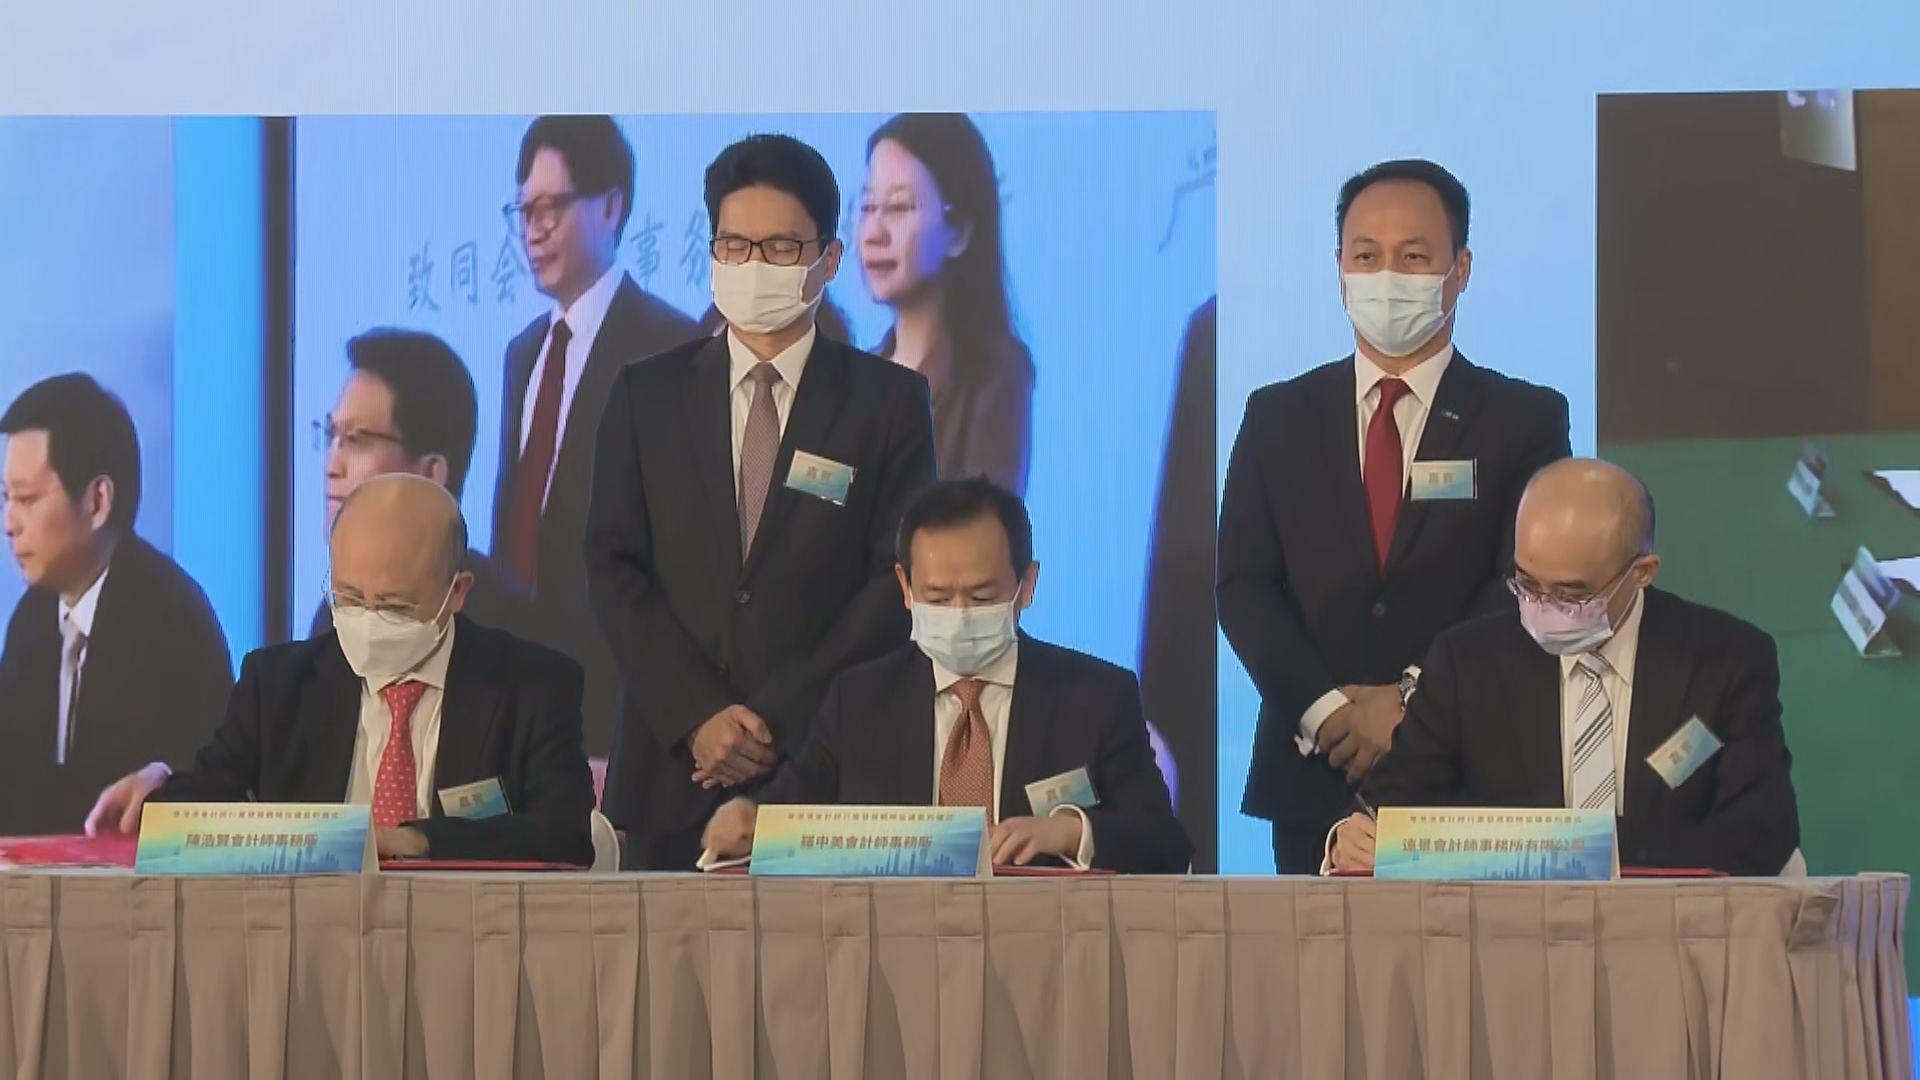 粵港澳三地會計師簽署戰略協議加強合作